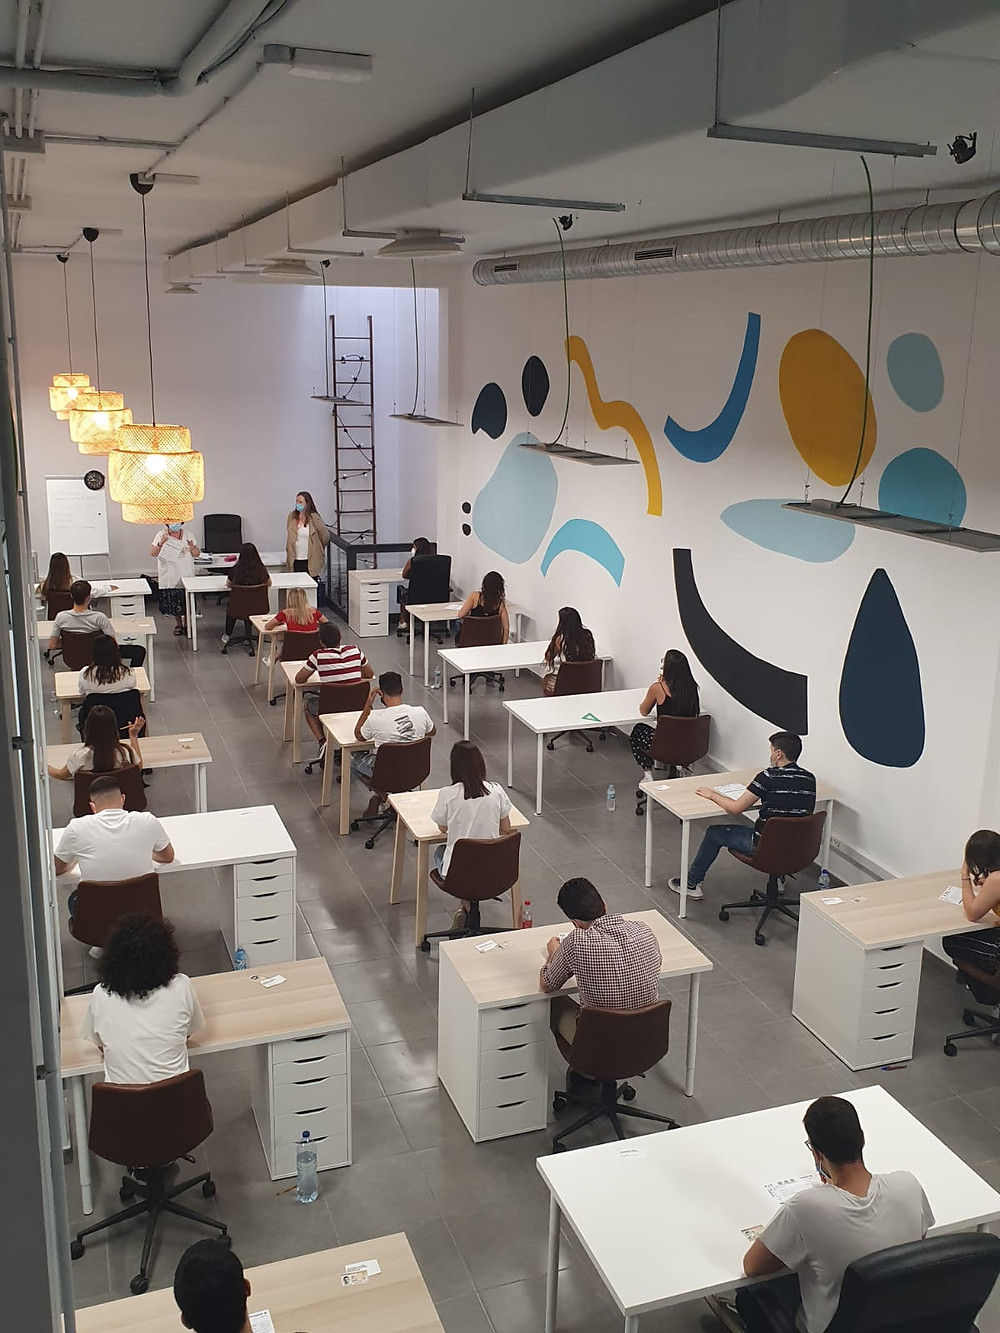 Examen realizado en Workeamos para 24 alumnos, respetando una distancia de metro y medio entre cada uno.